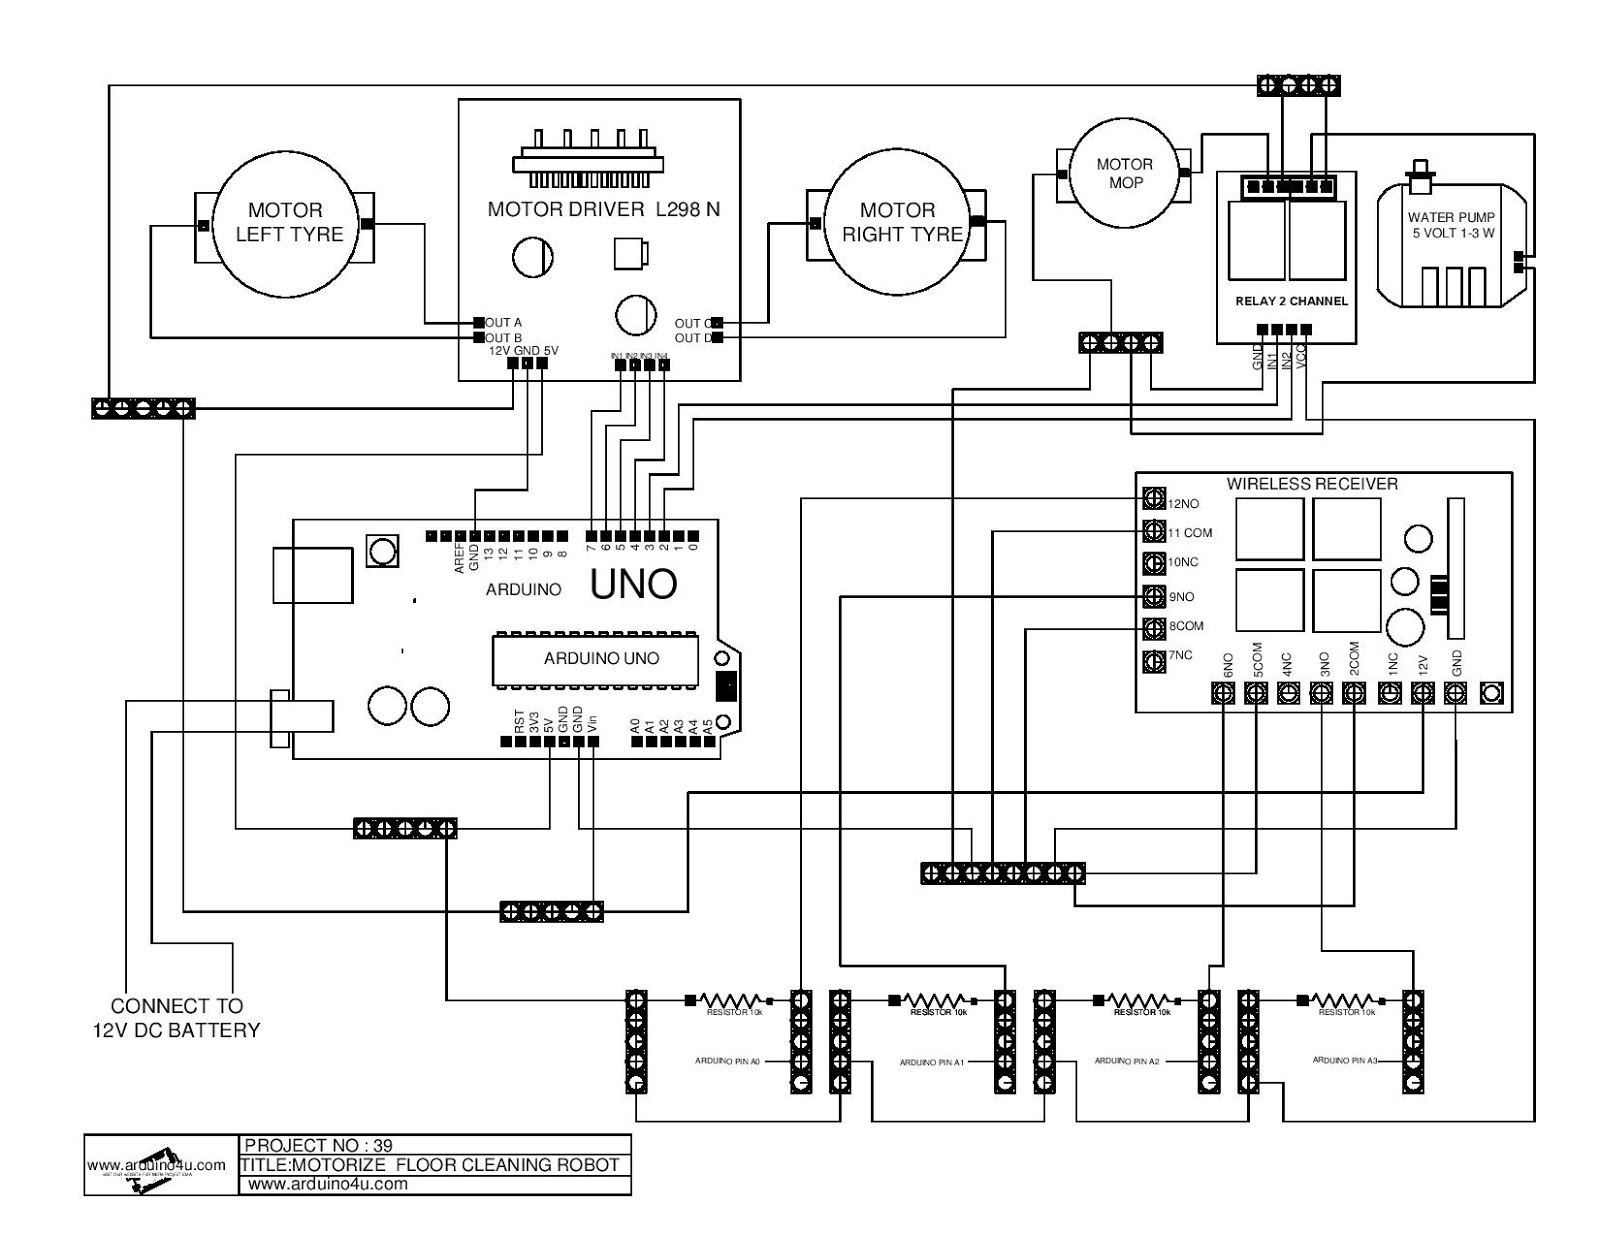 hight resolution of klik disini untuk download schematic diagram yg jelas utk print